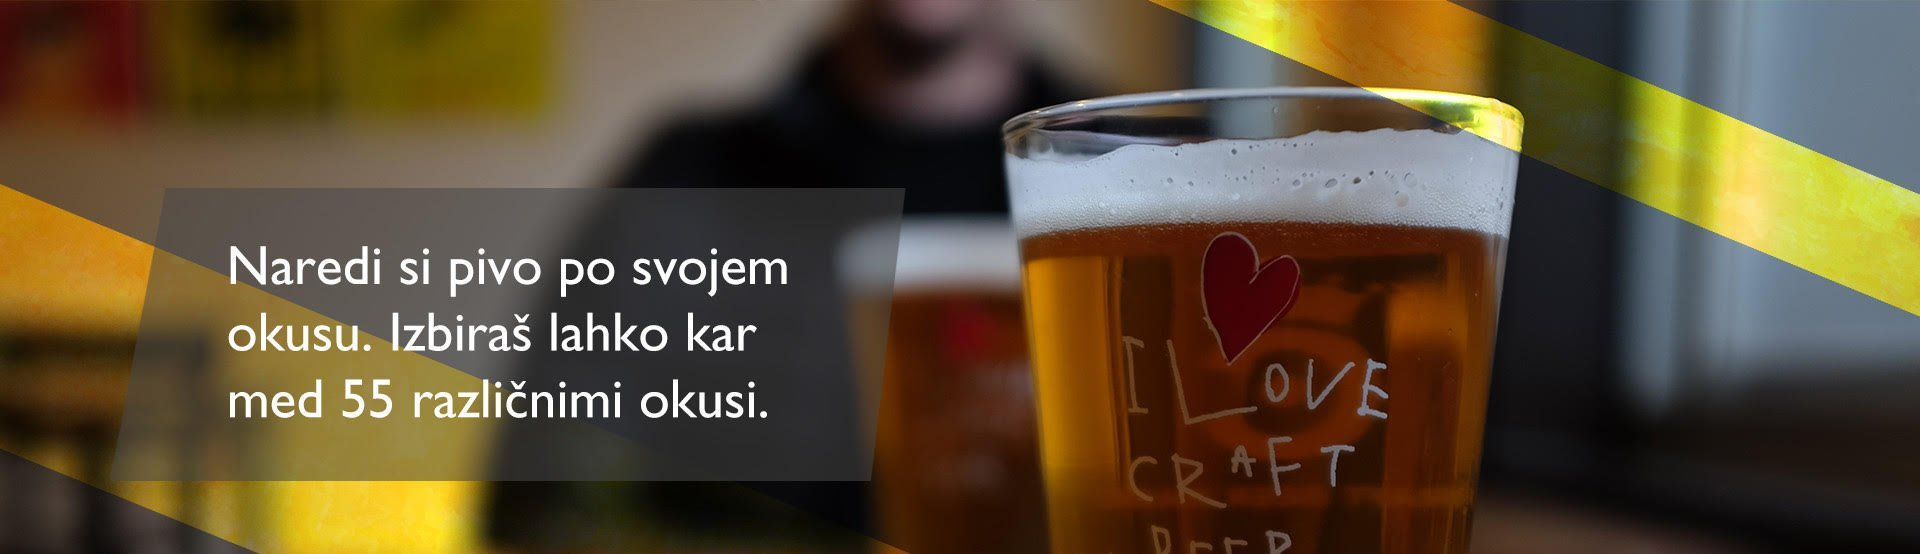 Naredi si pivo po svojem okusu. Izbiraš lahko med kar 55 različnimi okusi.